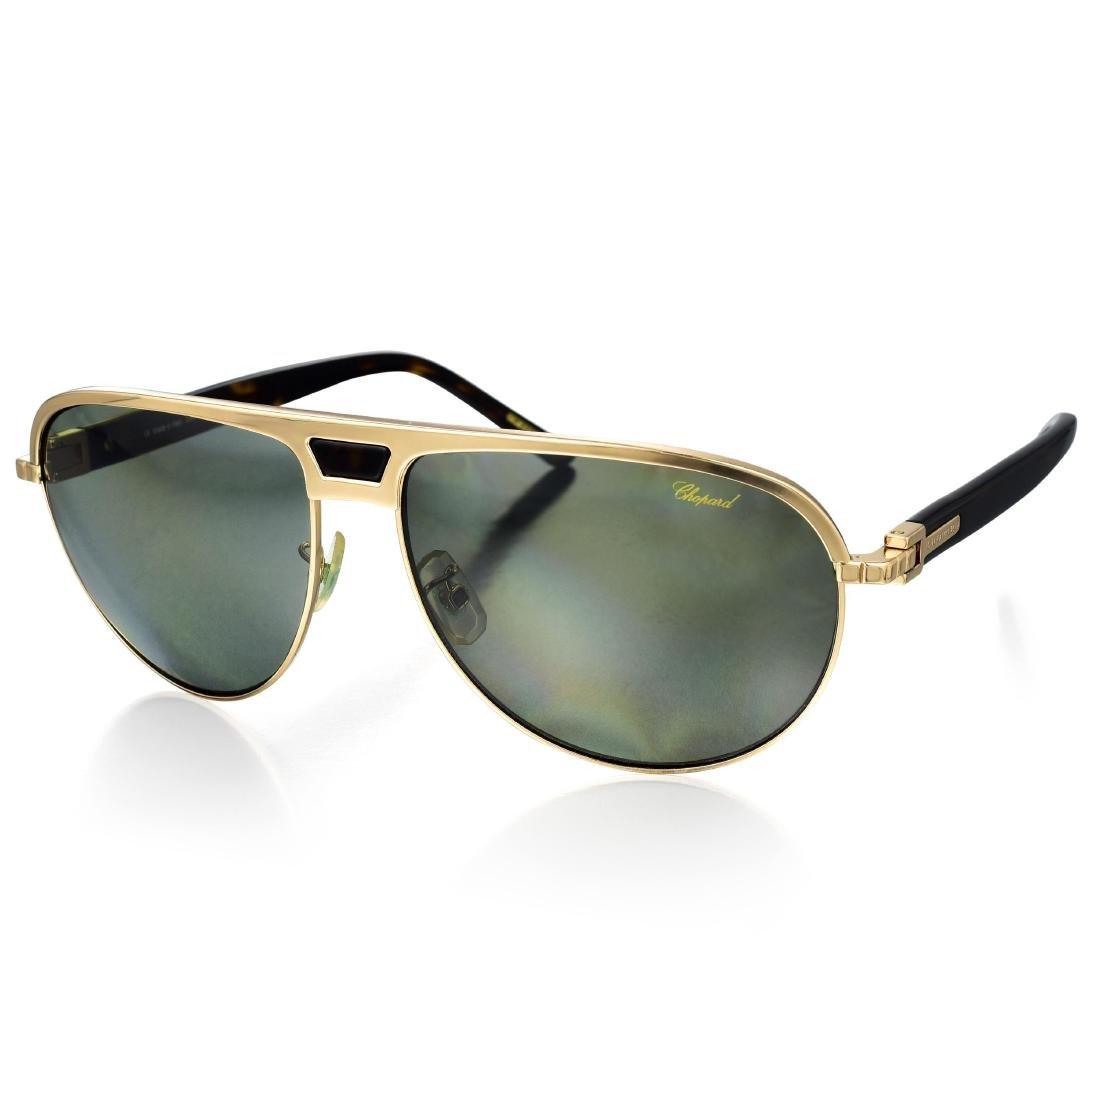 Chopard Sunglasses - 2